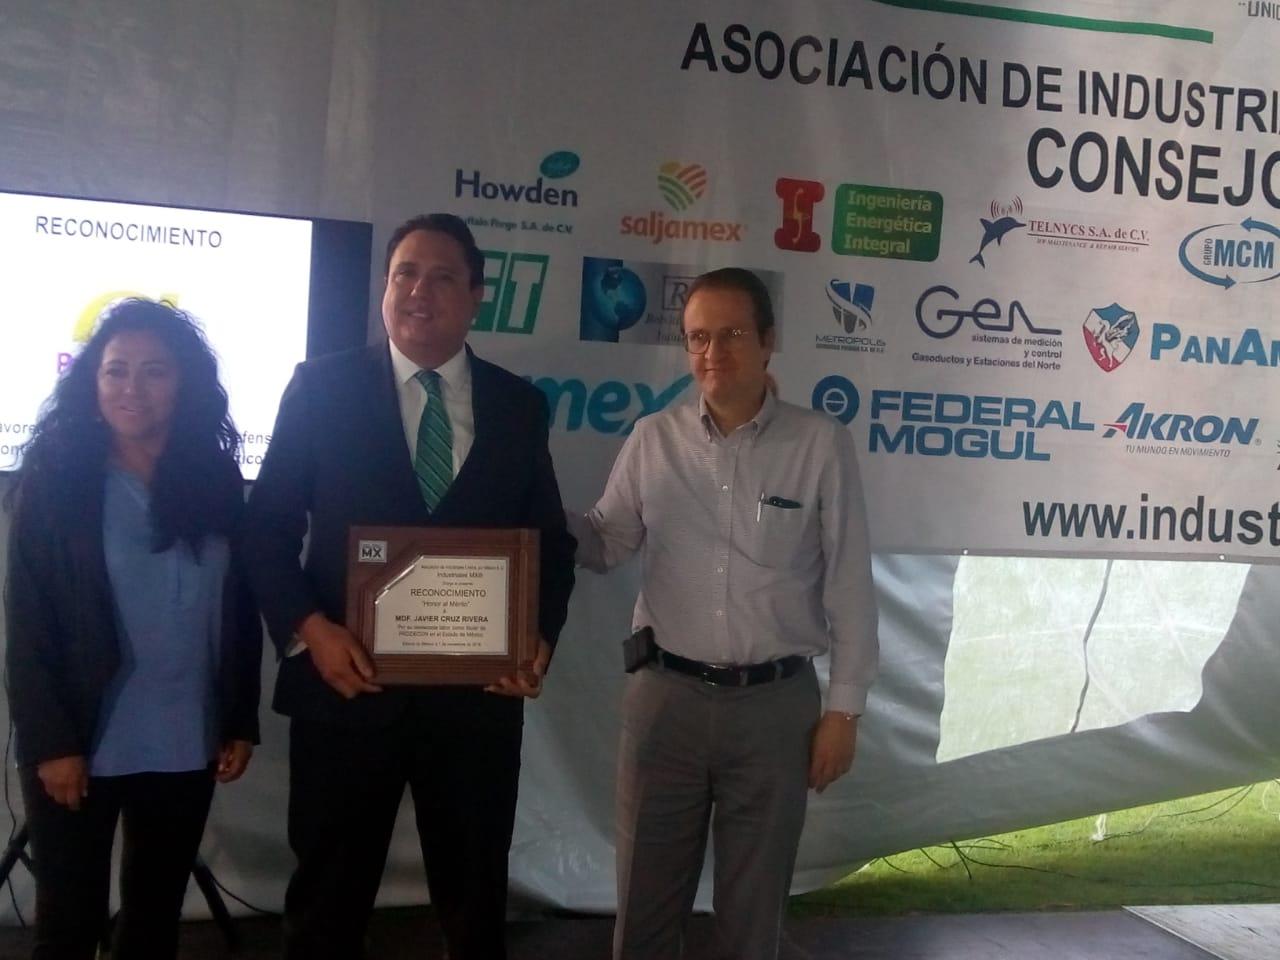 Reconocimiento al MDF Javier Cruz Rivera, Ex titular de PRODECON EdoMéx